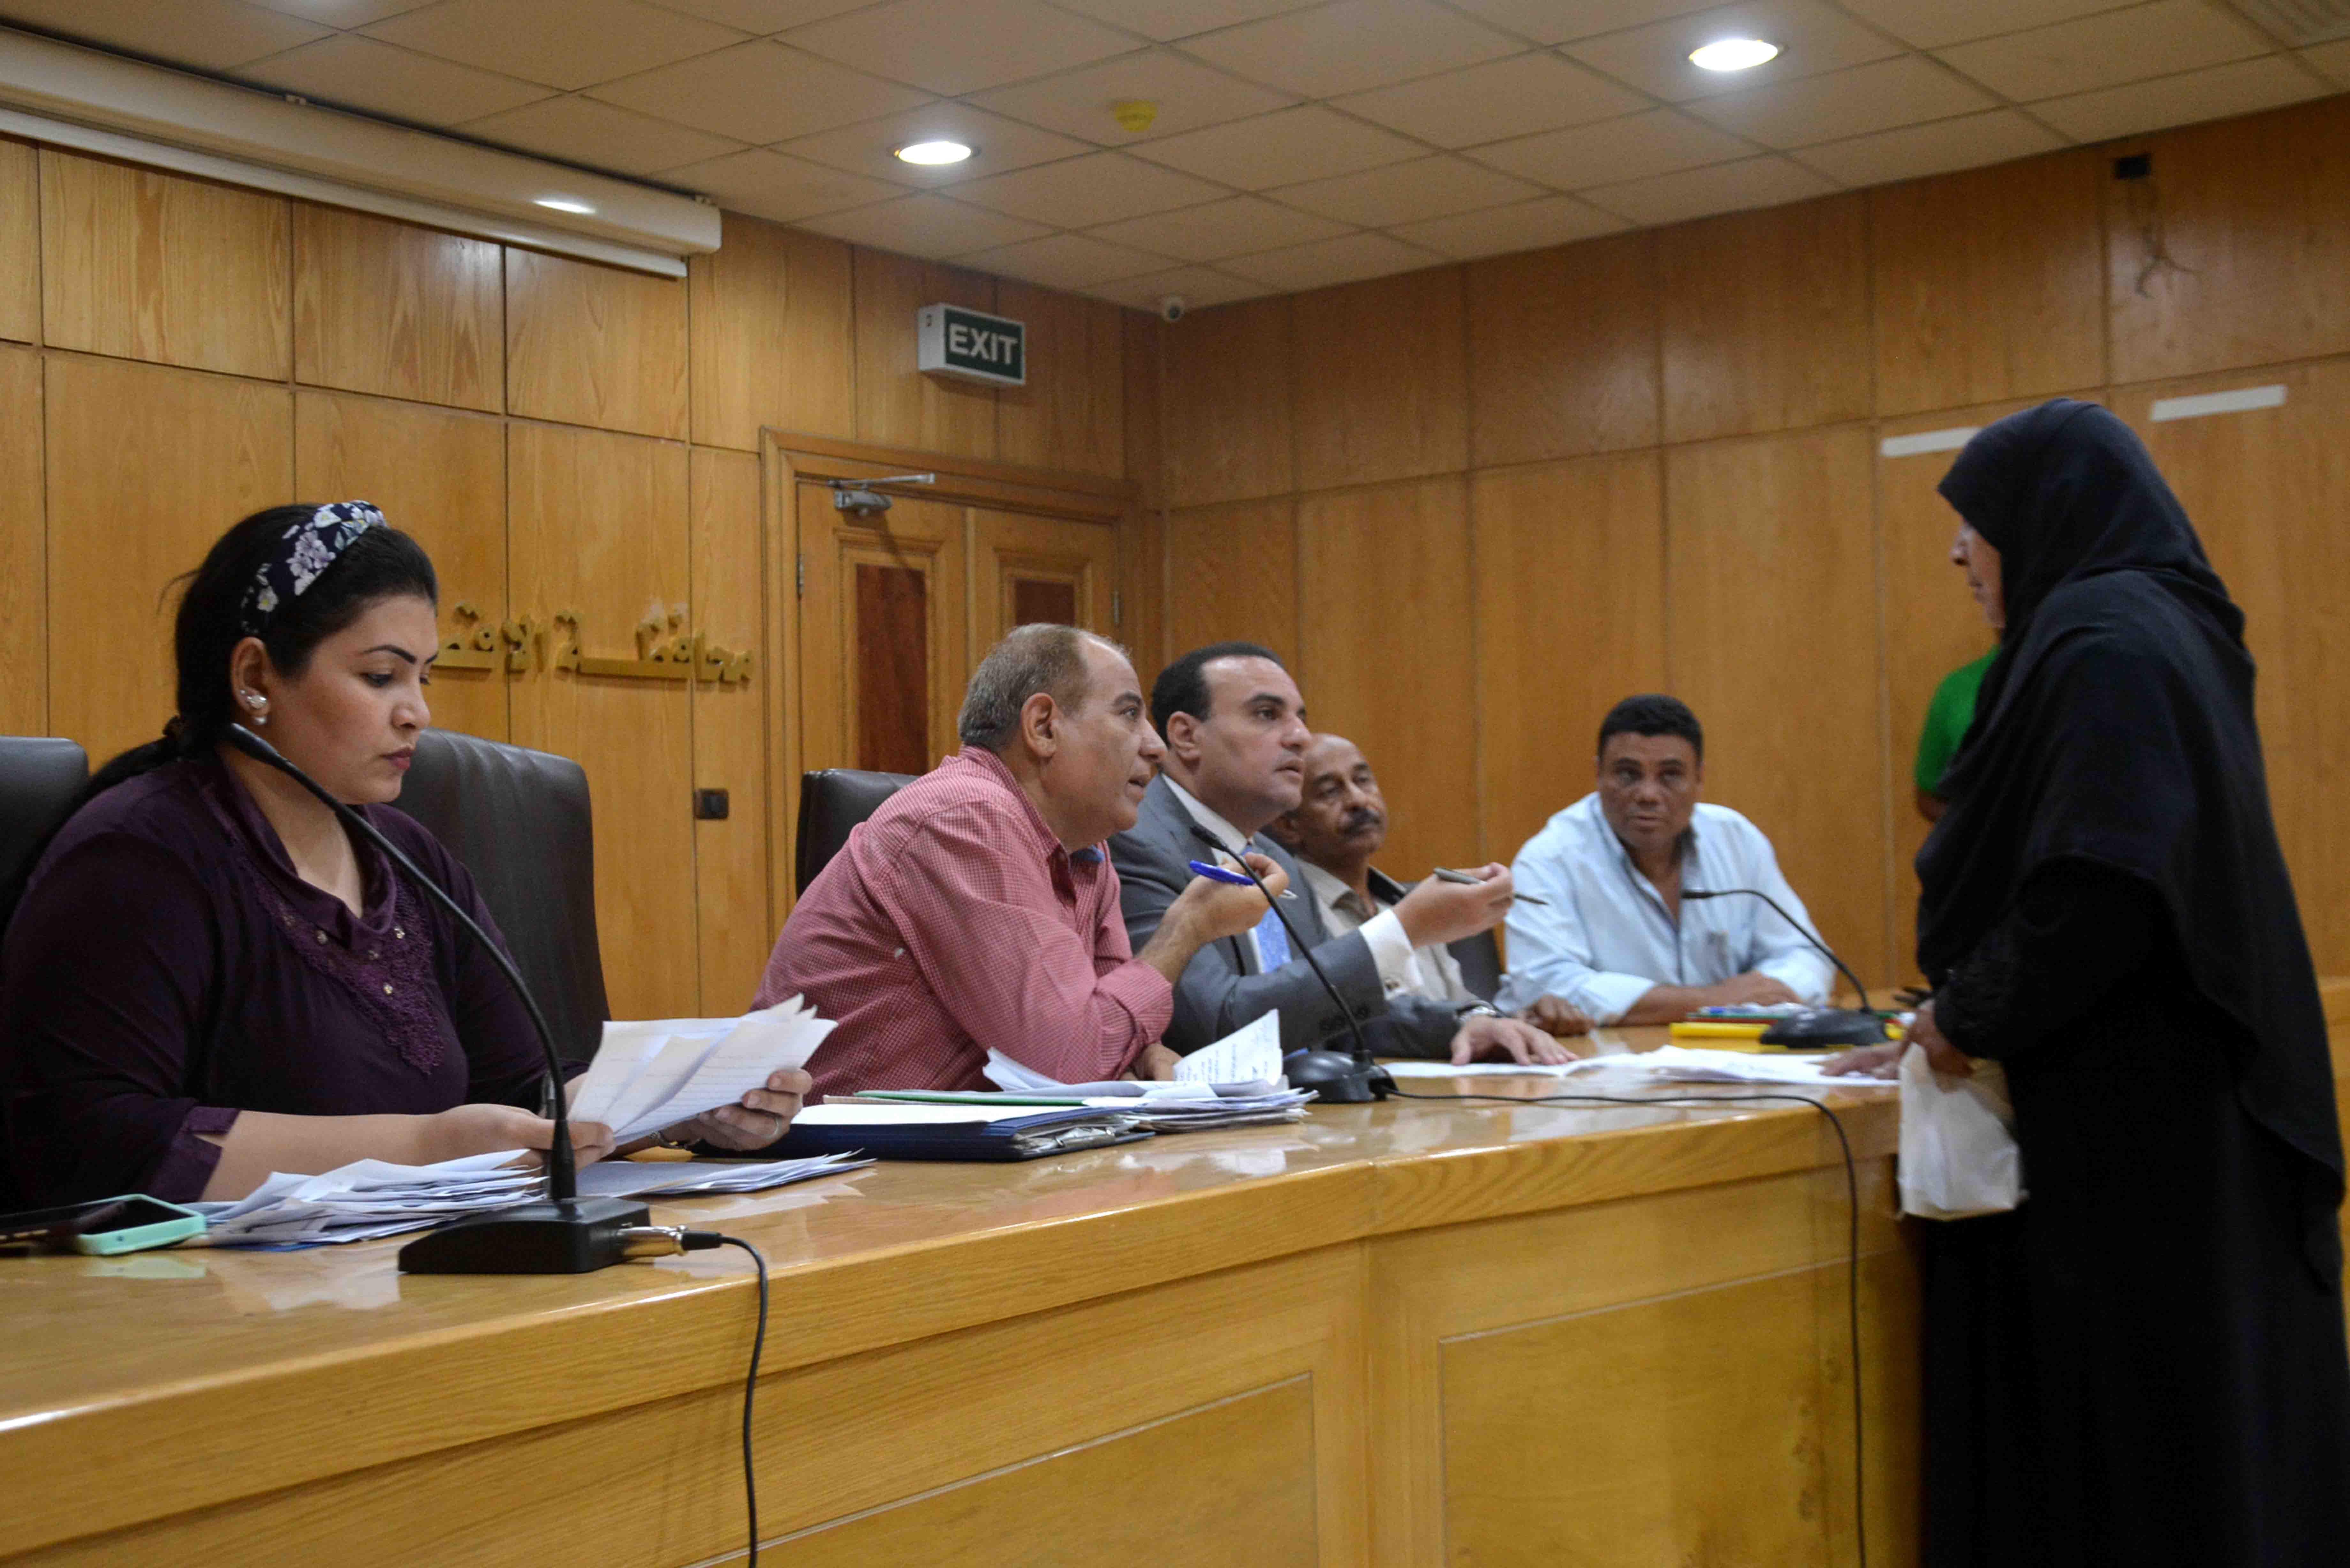 نائب محافظ الأقصر يستمع لشكاوي المواطنين في اليوم المفتوح ويبحث حلها (2)